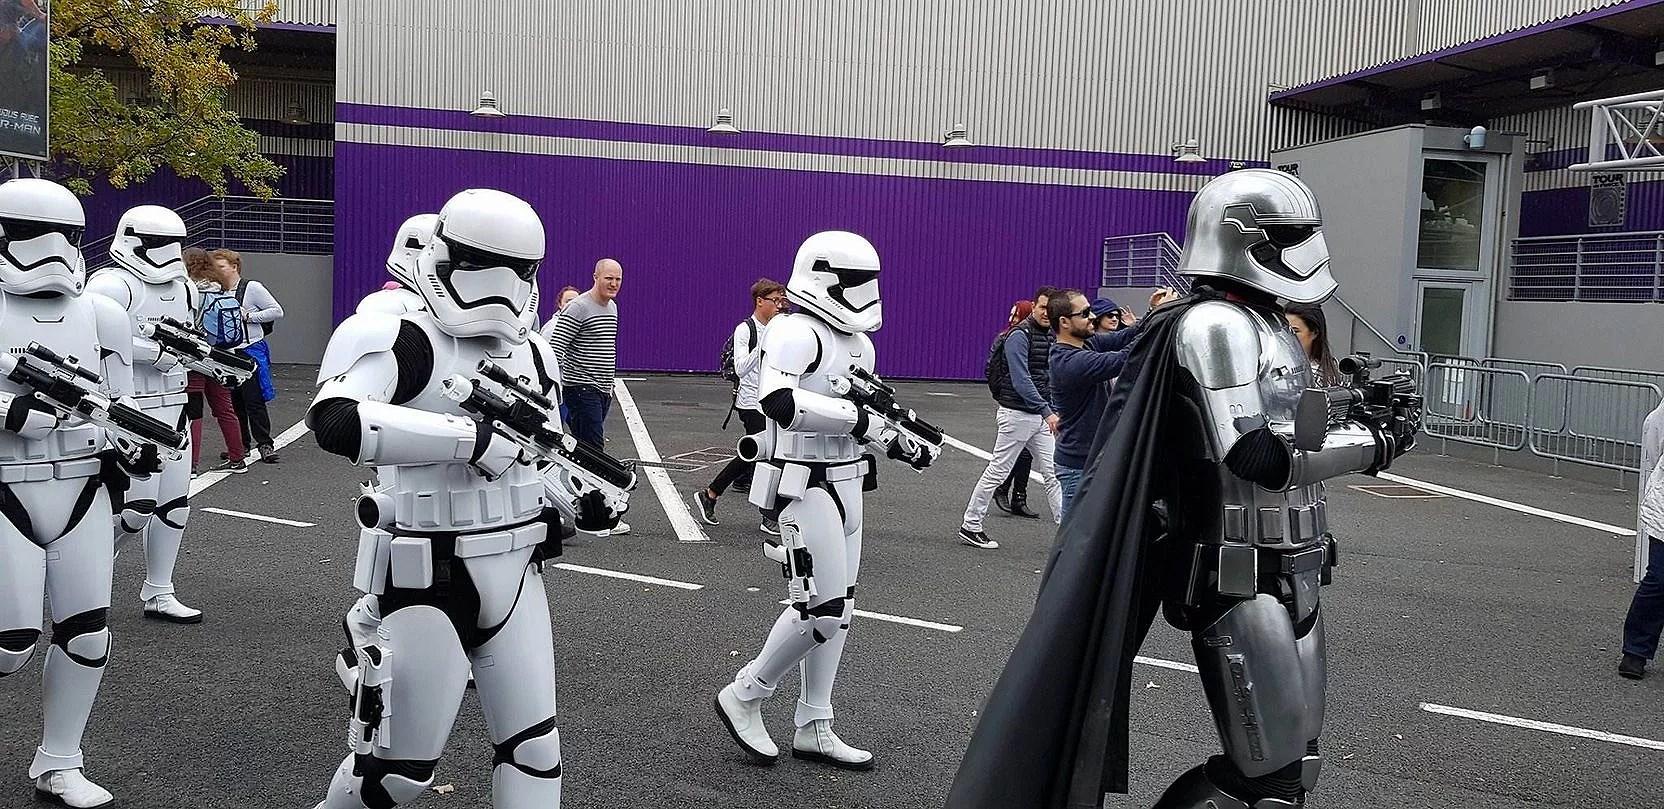 Darth Vader May the Fourth